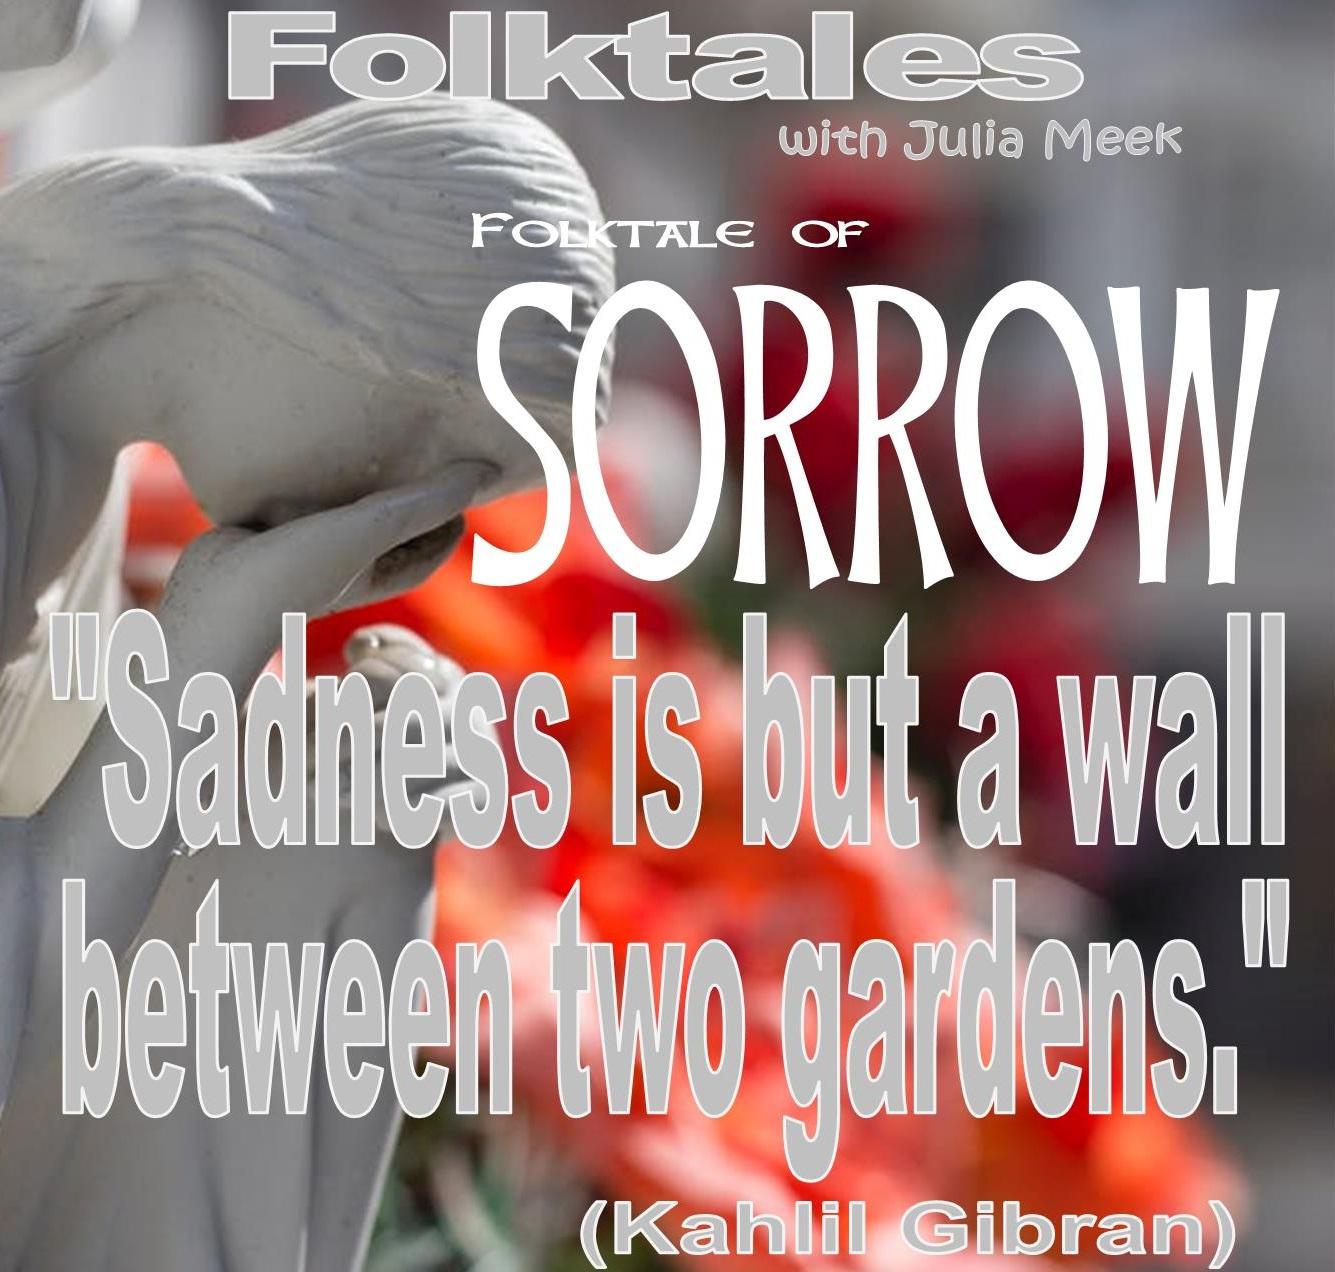 Caption: WBOI's Folktale of Sorrow, Credit: Julia Meek